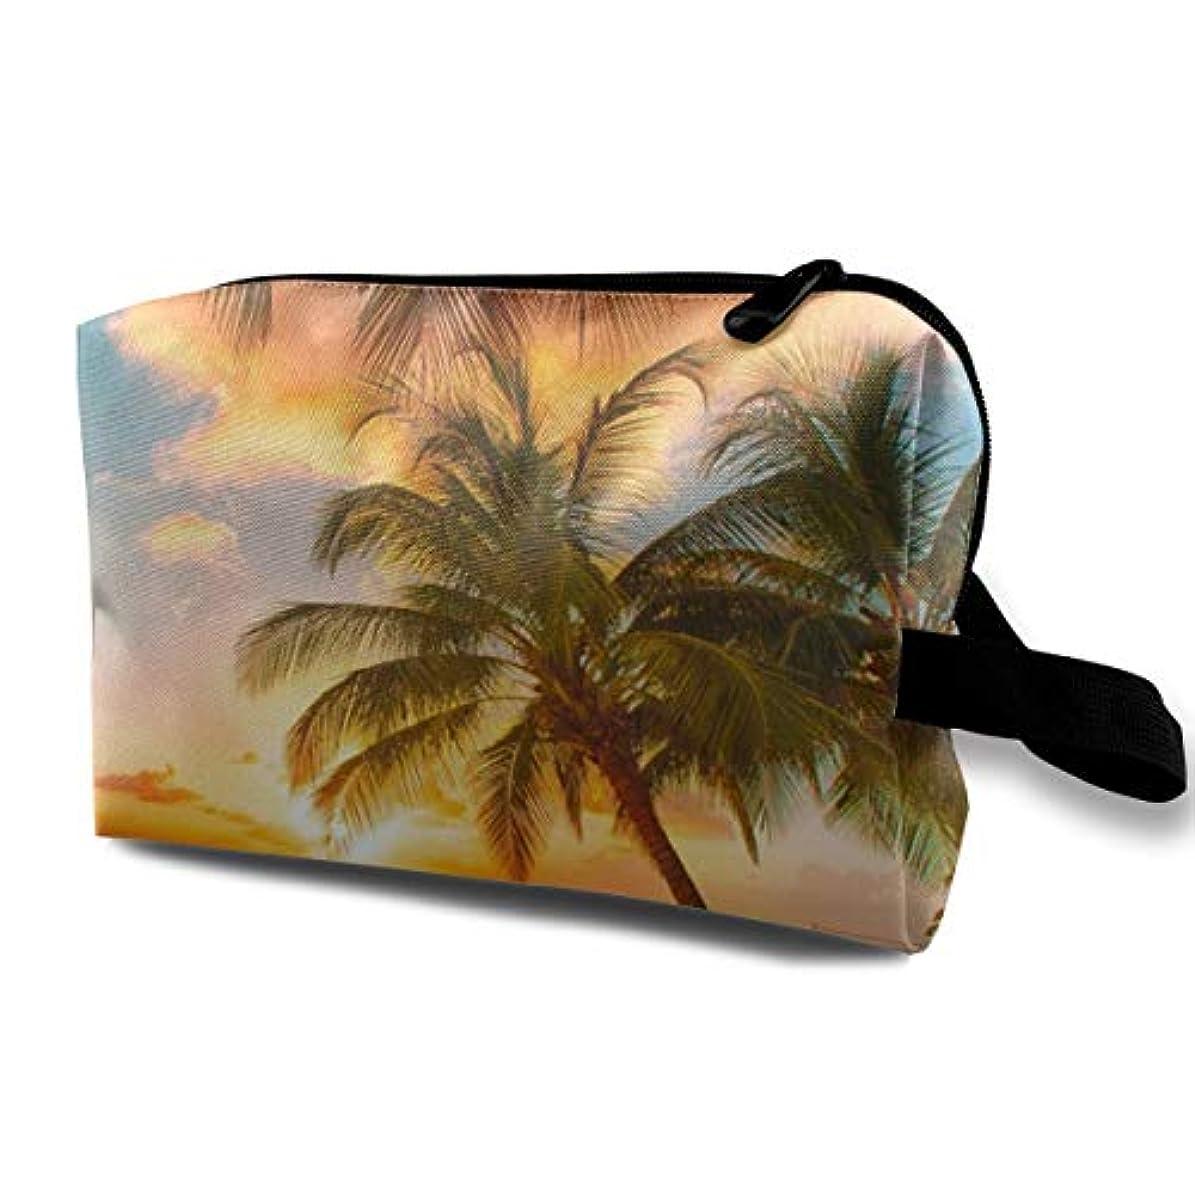 チーフグレード本能Tropical Palm Tree Ocean Beach Hawaii Summer Sunset 収納ポーチ 化粧ポーチ 大容量 軽量 耐久性 ハンドル付持ち運び便利。入れ 自宅?出張?旅行?アウトドア撮影などに対応...